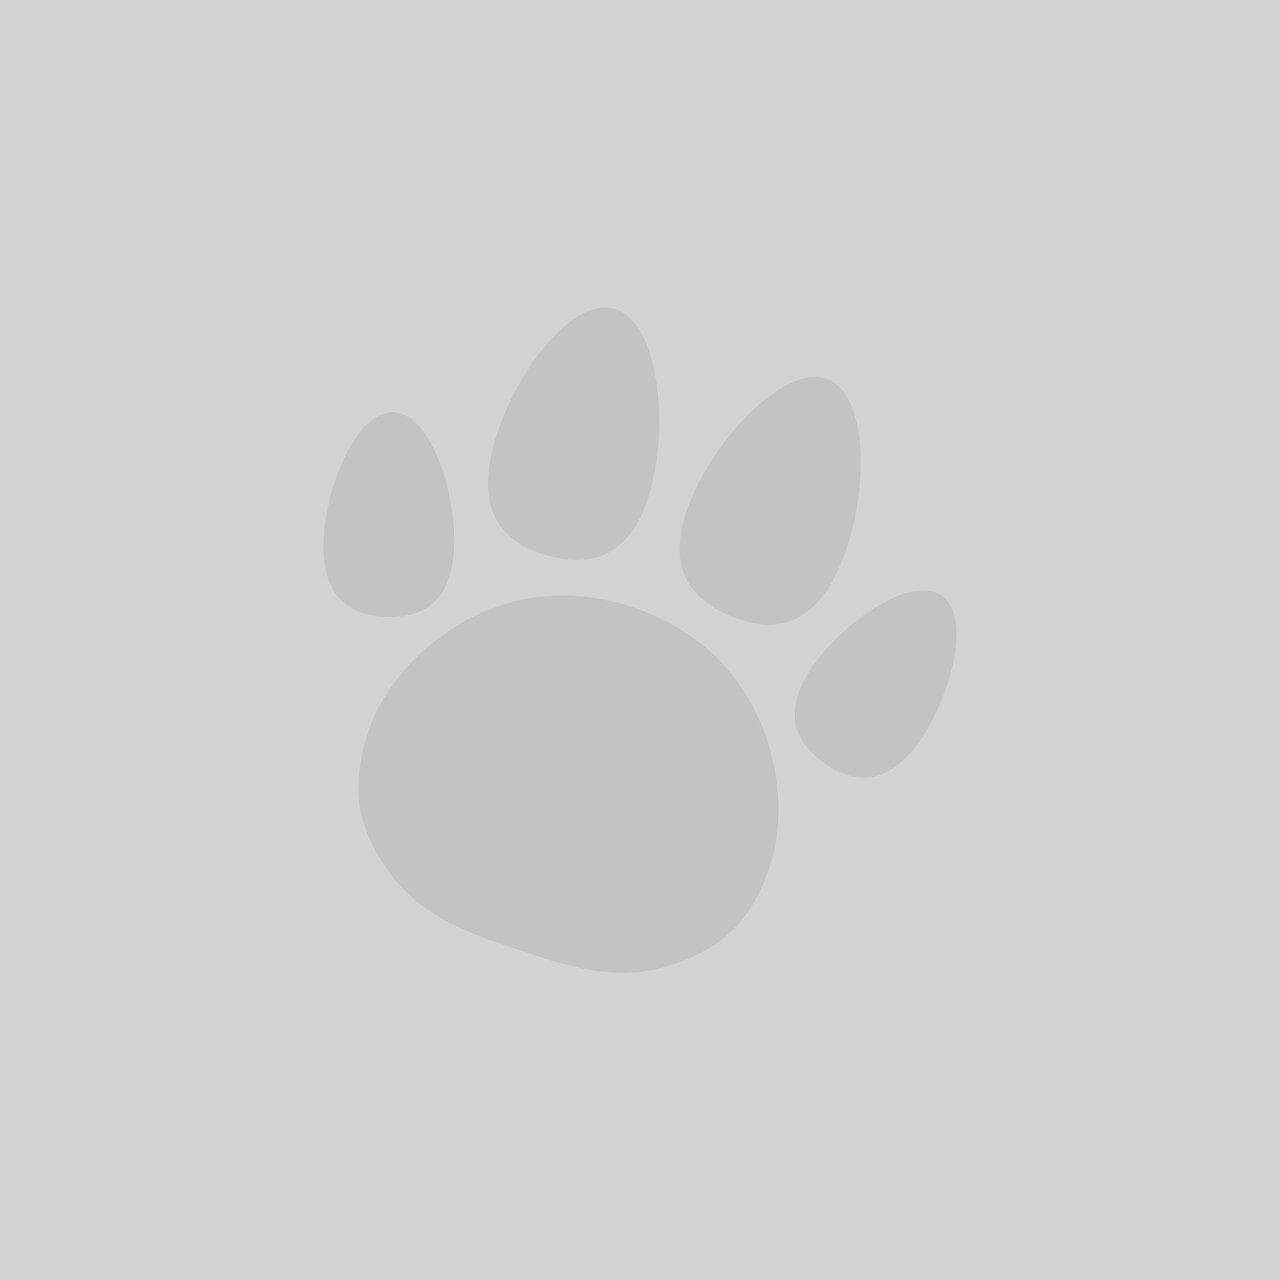 Rufus & Rosie Stainless Steel Bowl Orange 470ml